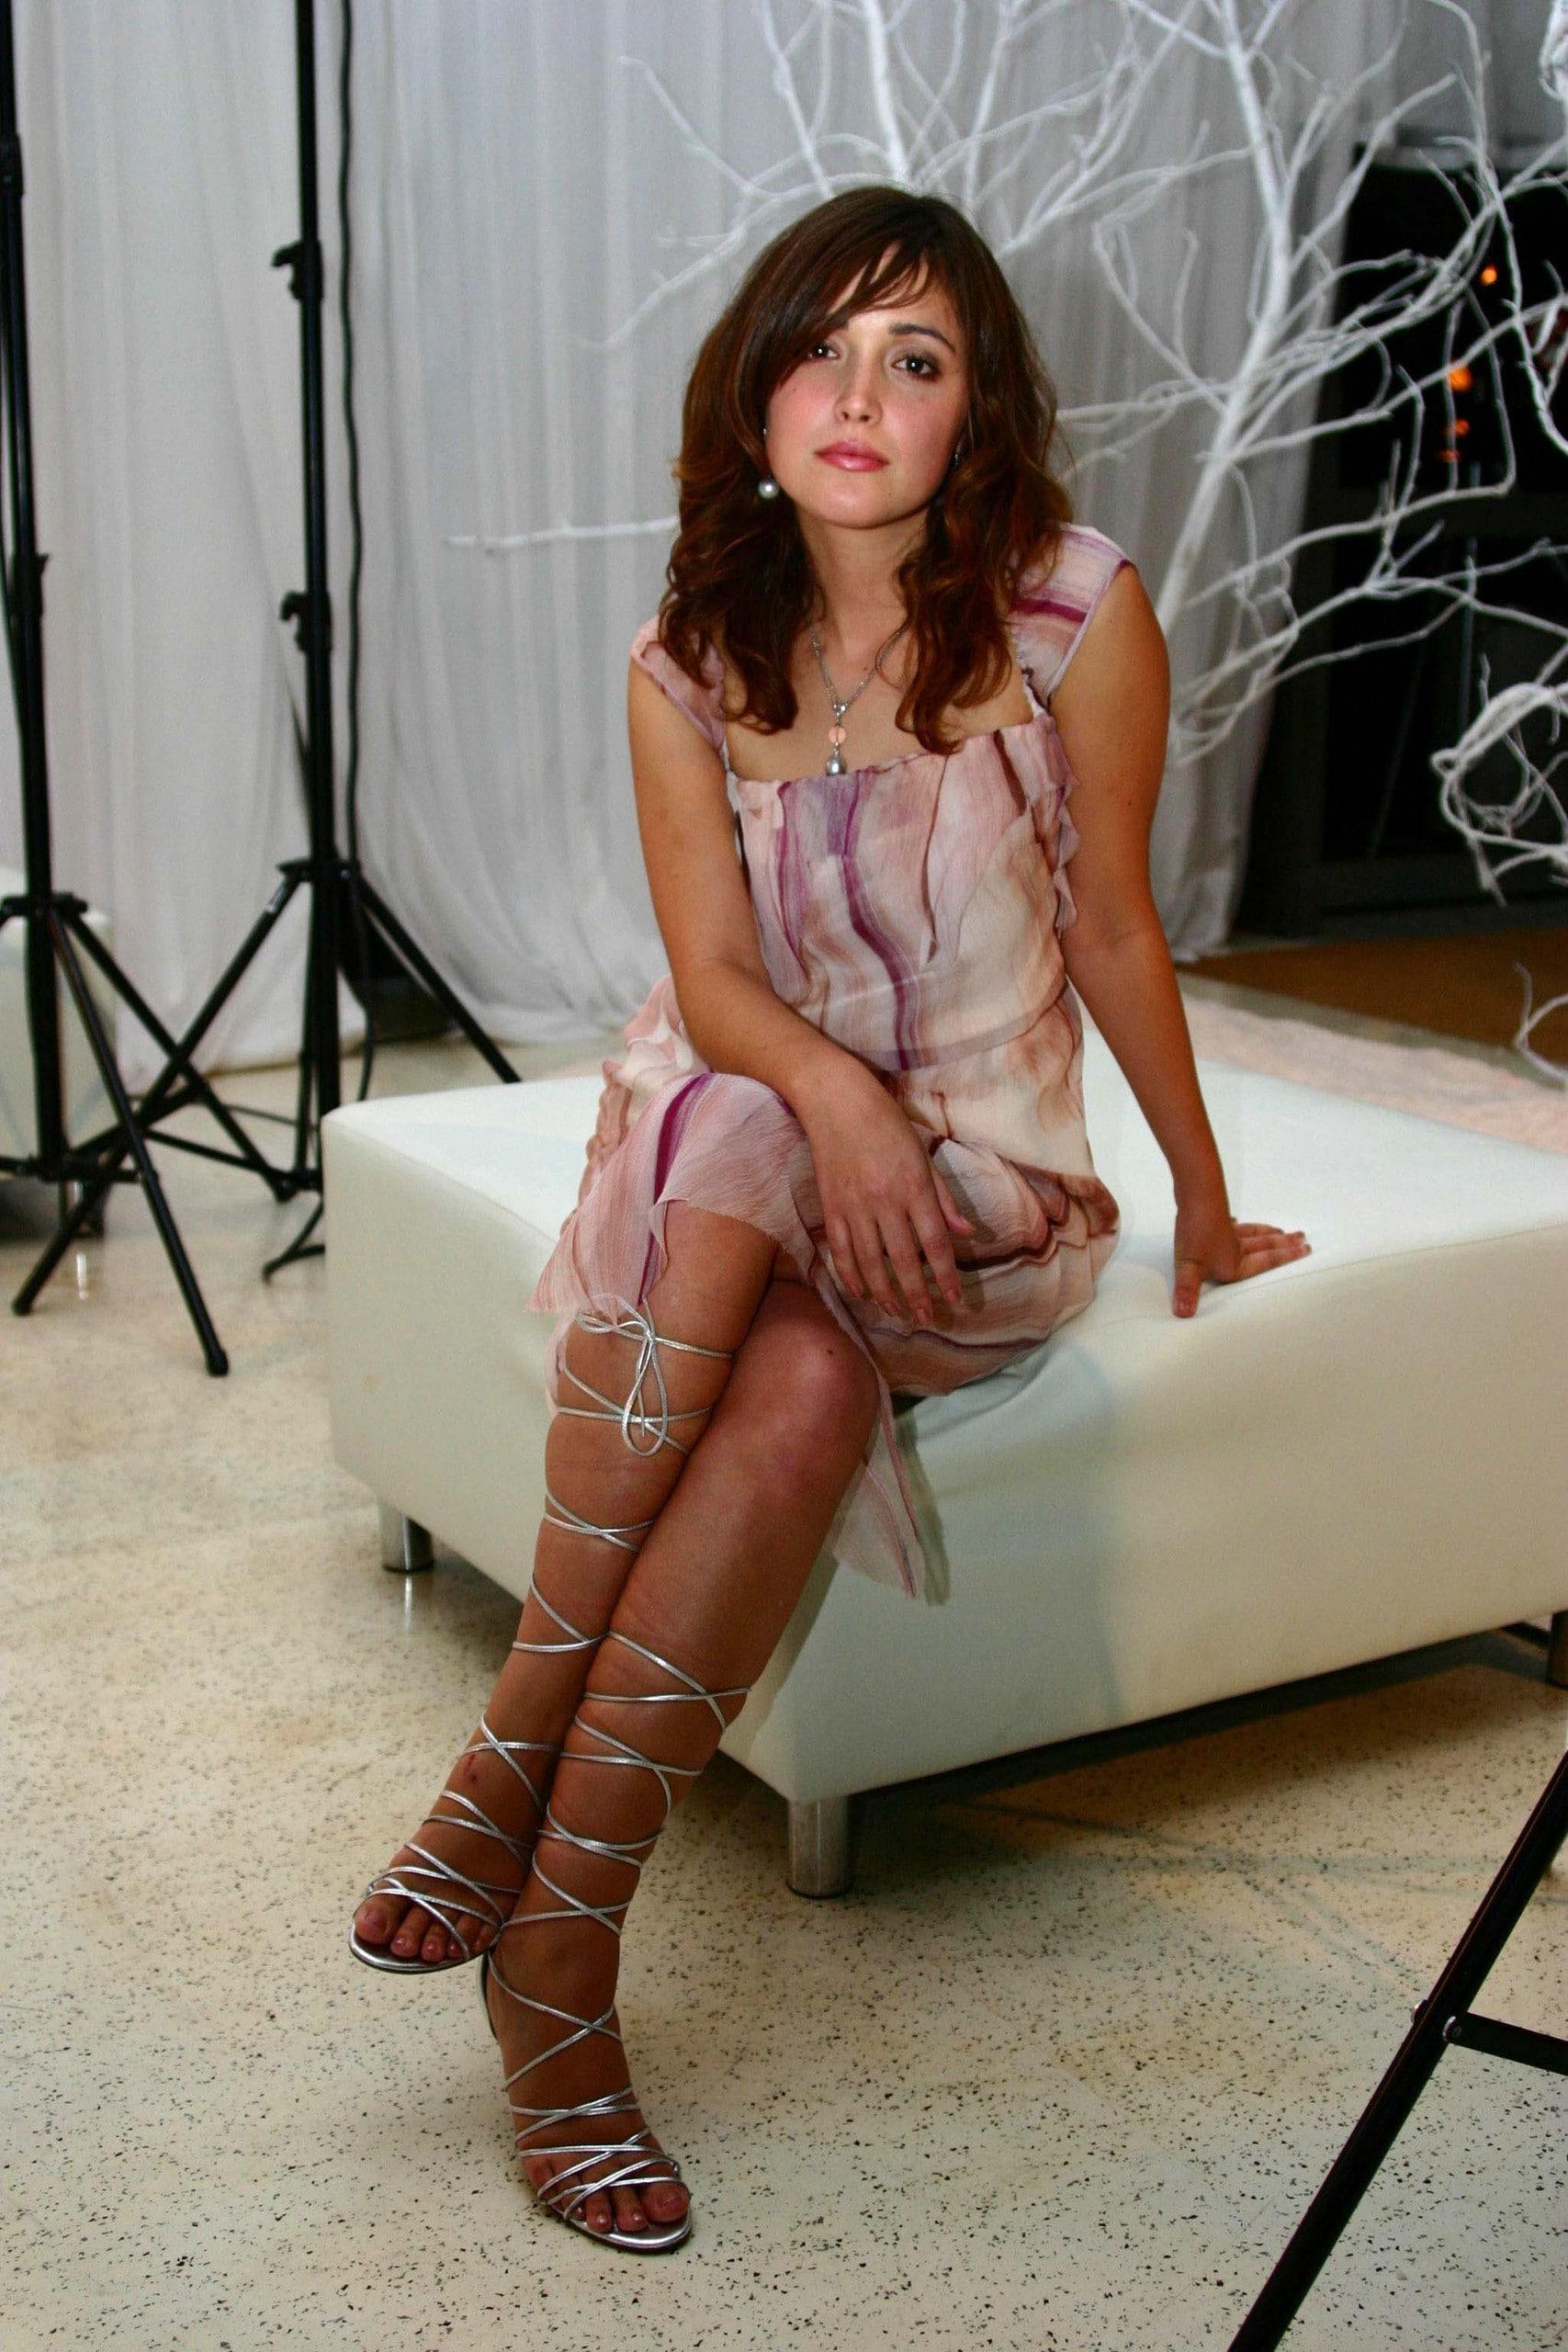 Rose Byrne hot lingerie pics